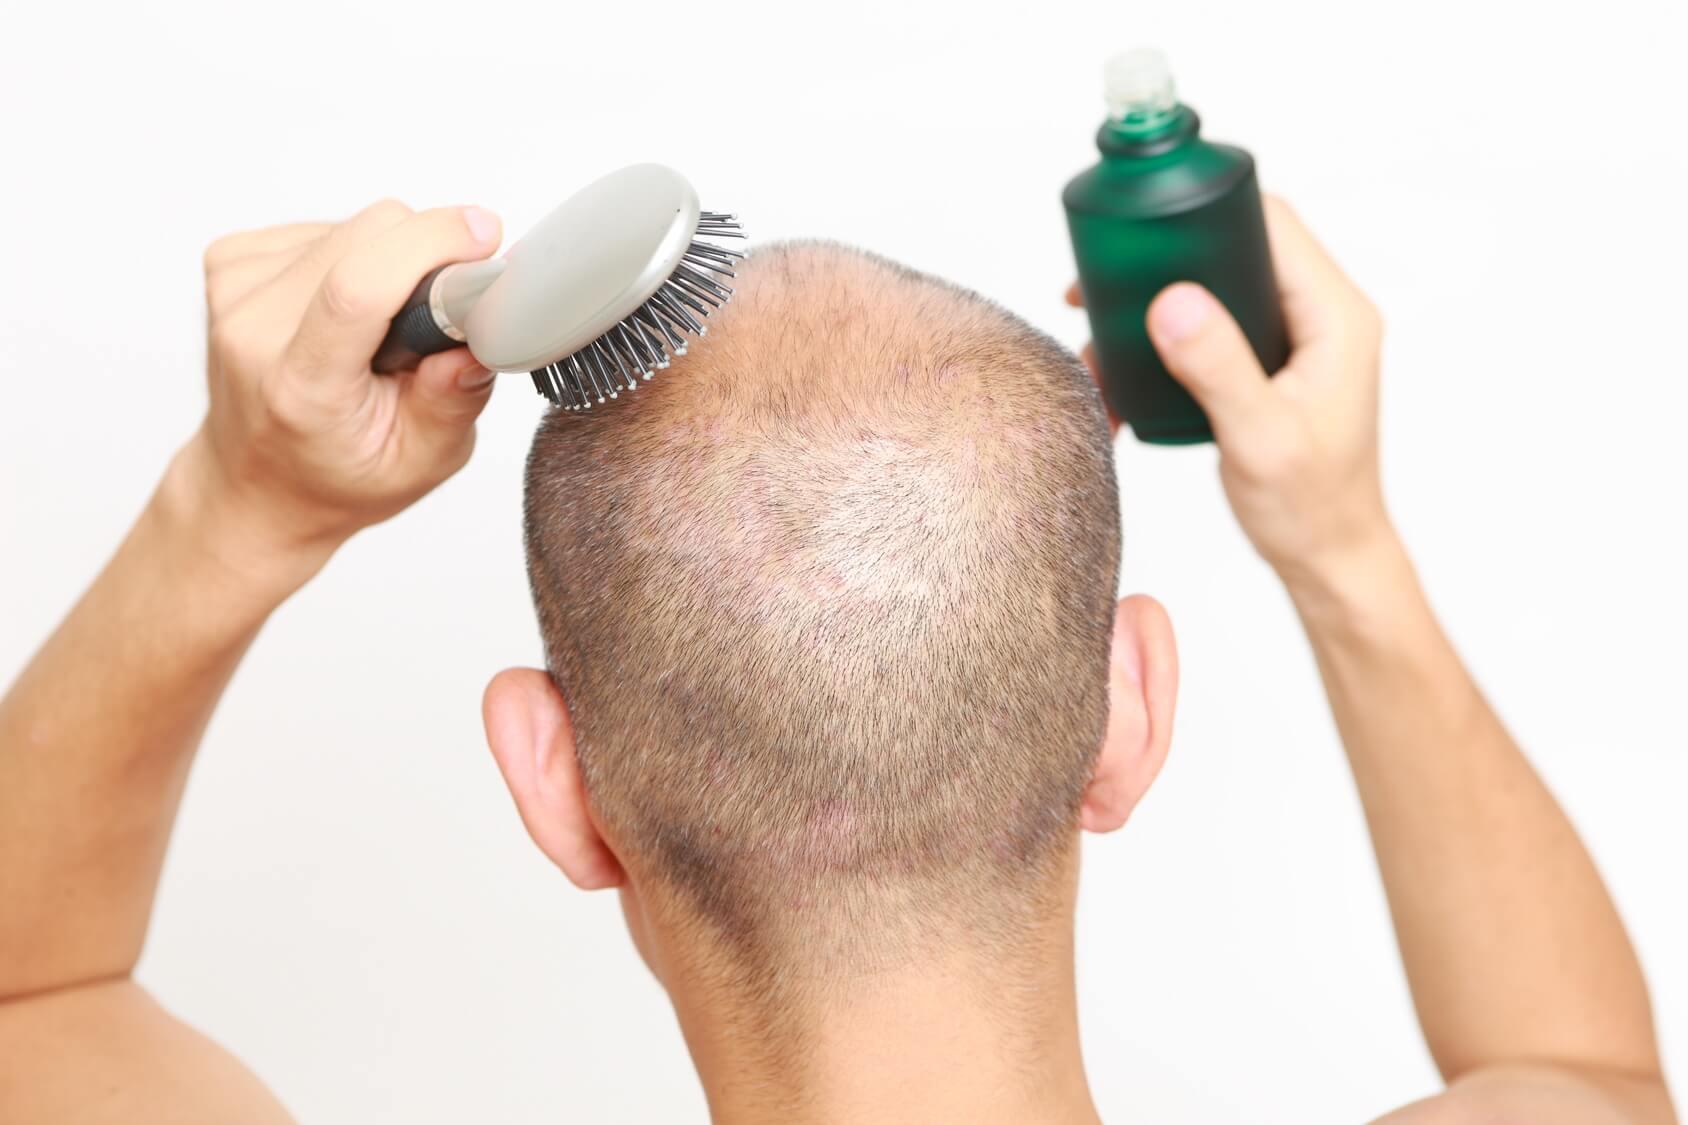 トニック 効果 育毛 サクセス